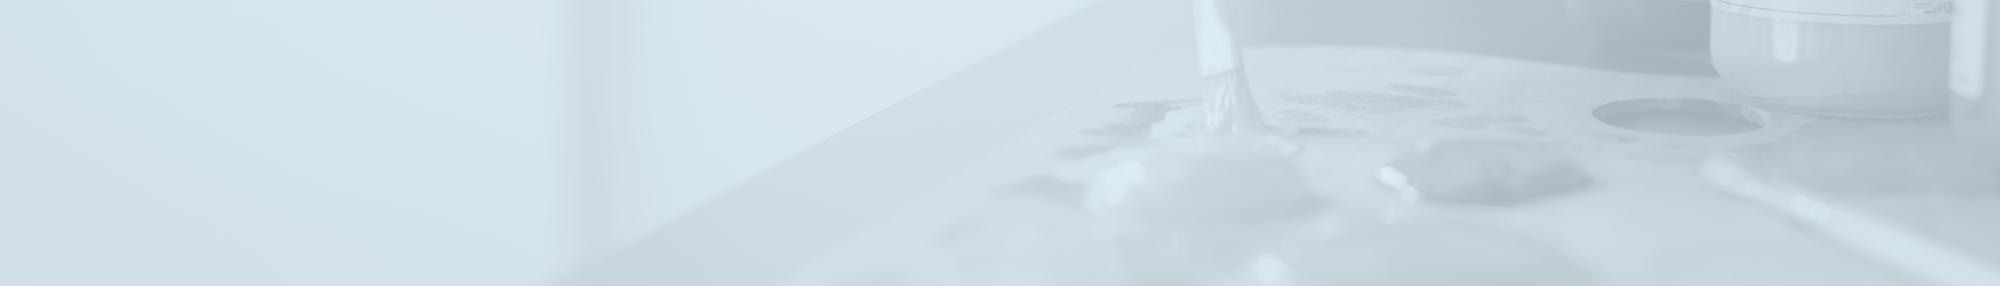 bg_webdesign_slider_2014